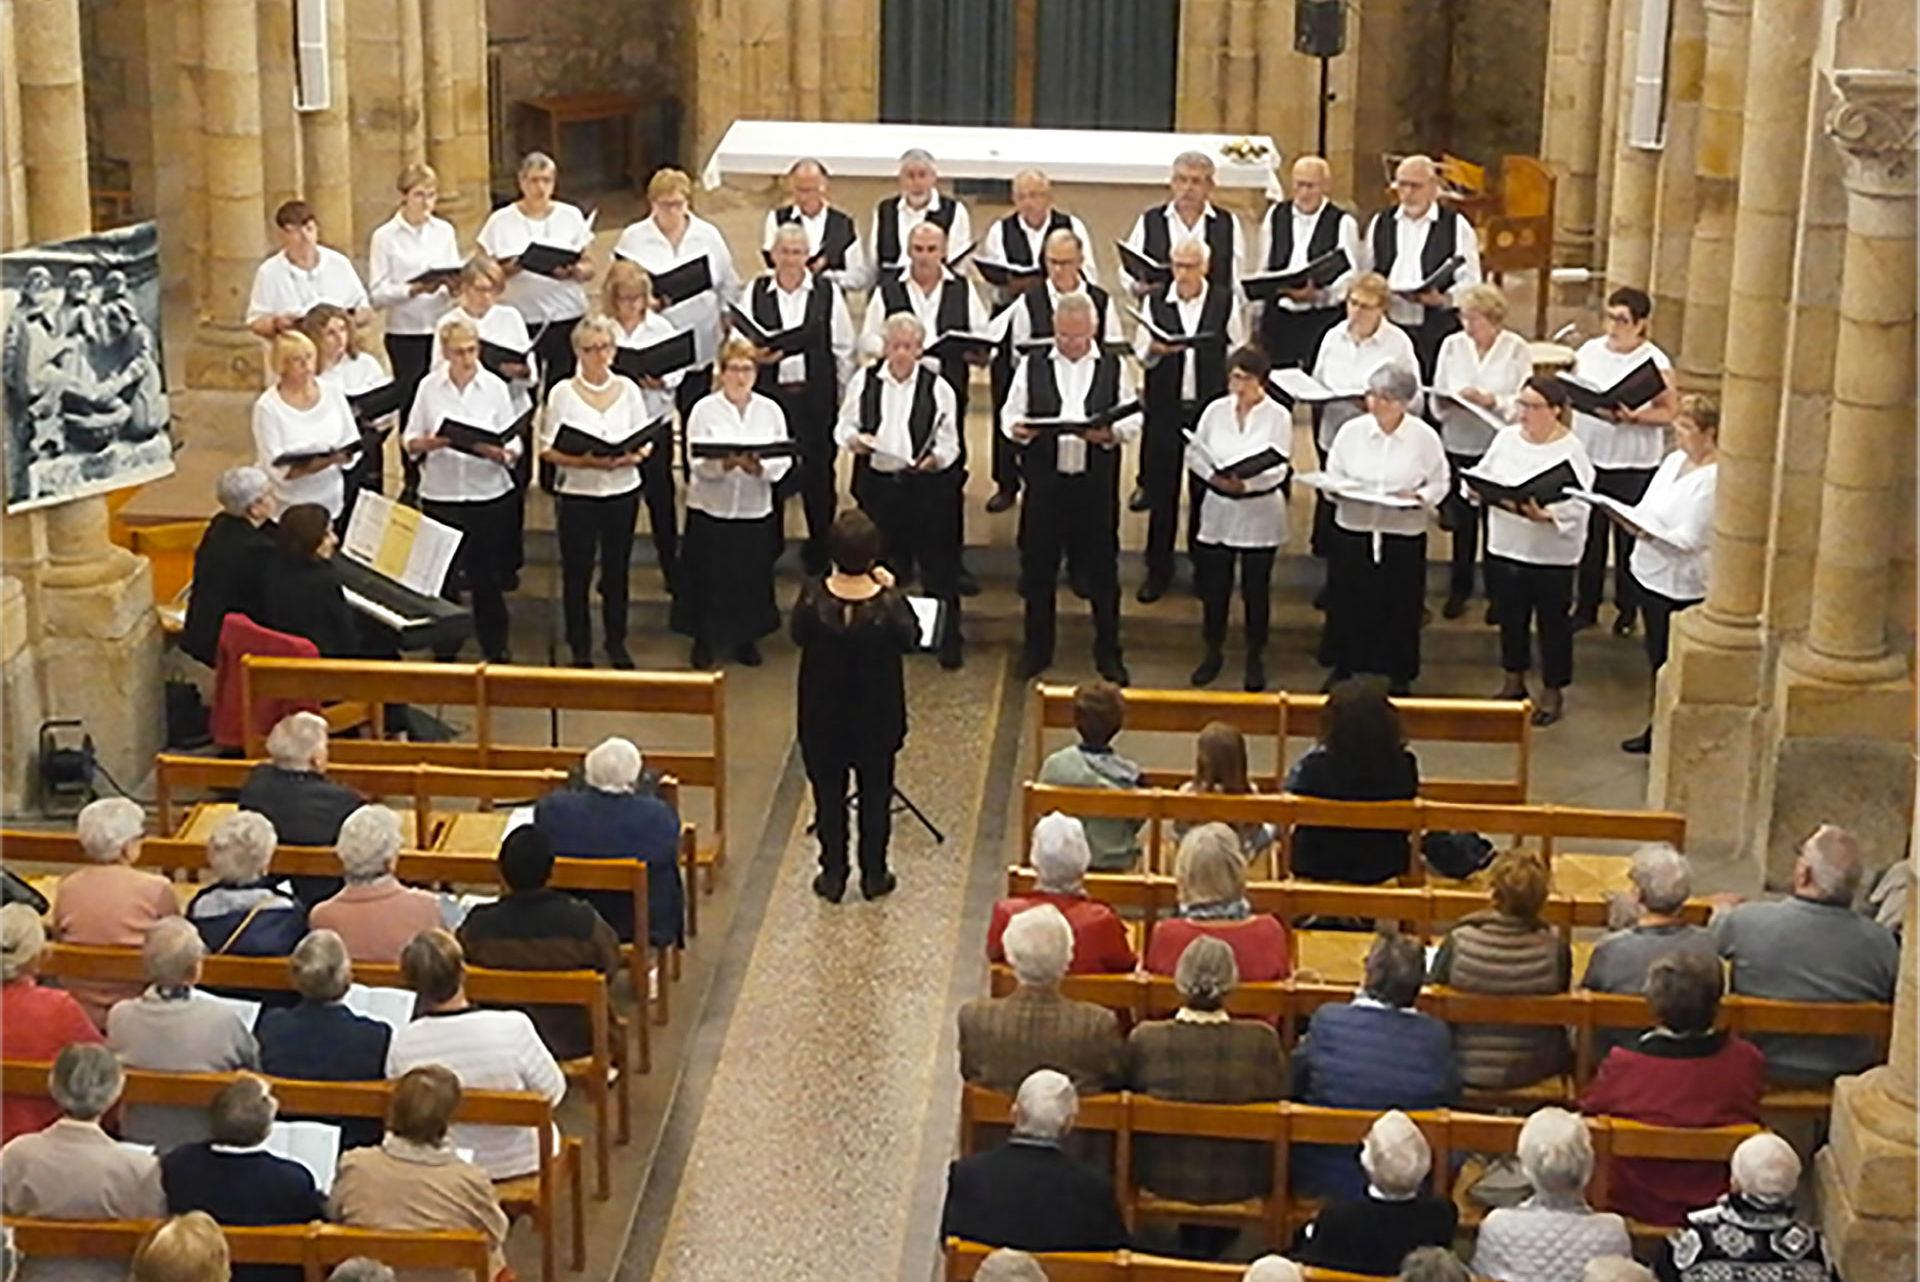 Evenements religieux et séjours groupes à côté de Saint-Malo, Bretagne Nord - Congrégation de la Divine Providence